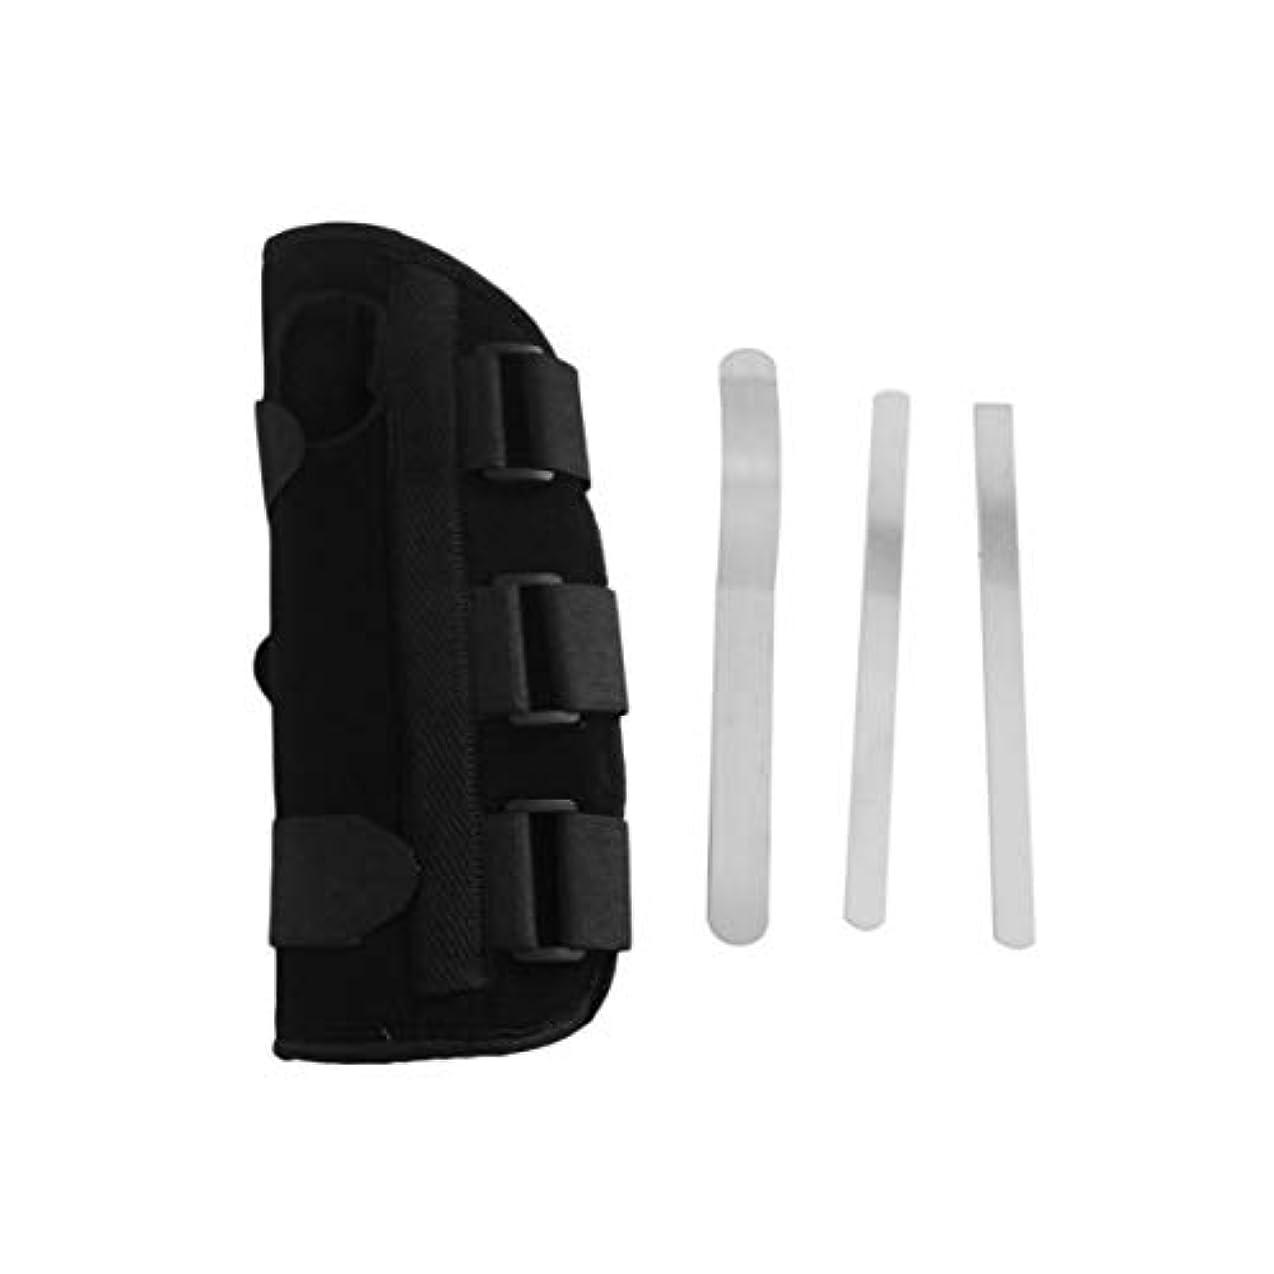 レクリエーションひばり滑り台手首副木ブレース保護サポートストラップカルペルトンネルCTS RSI痛み軽減取り外し可能な副木快適な軽量ストラップ - ブラックS